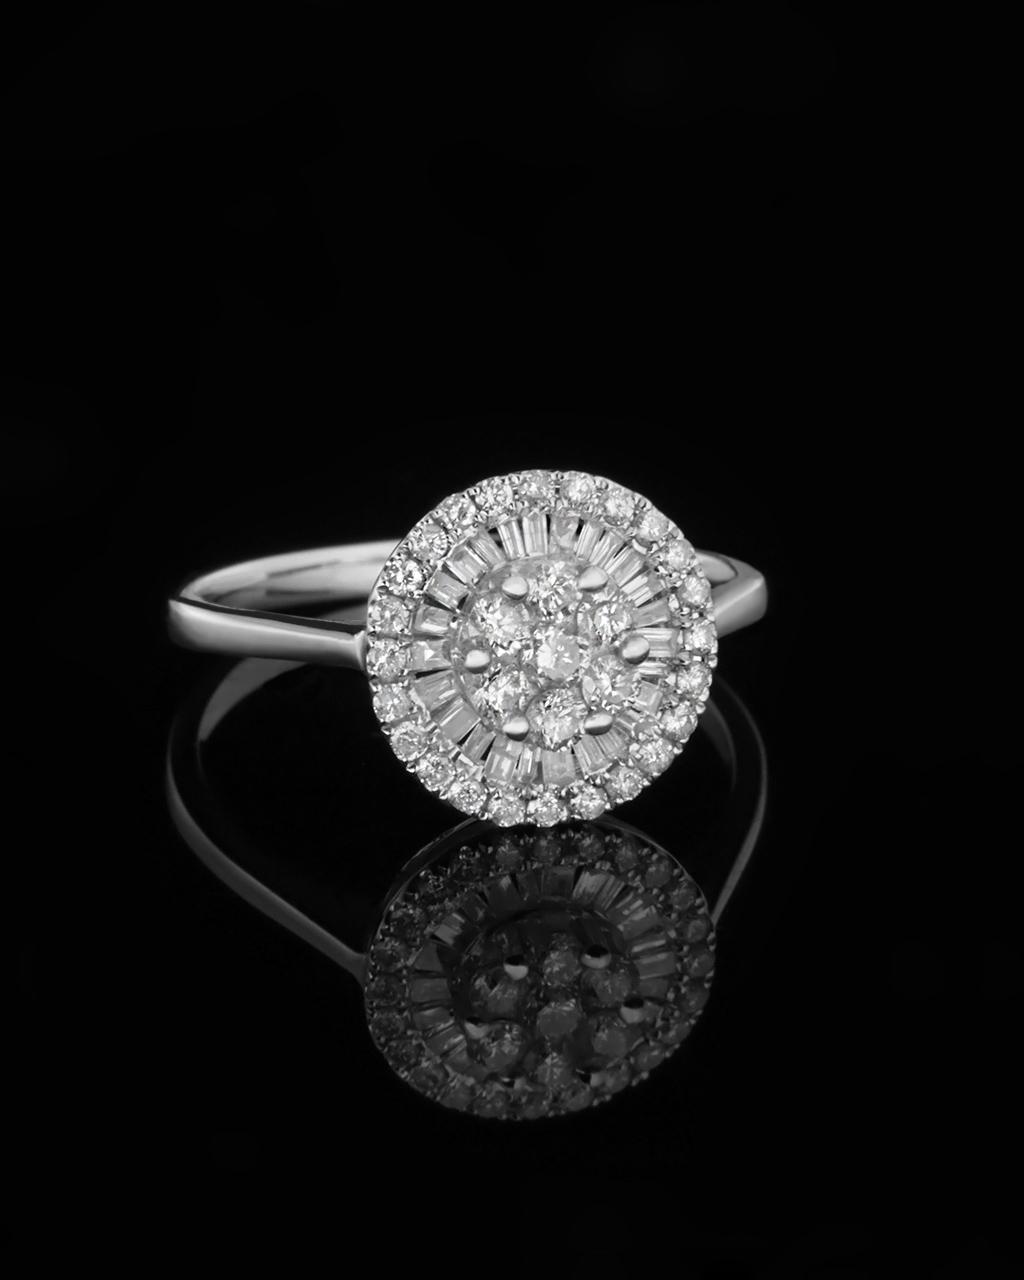 Δαχτυλίδι αρραβώνων λευκόχρυσο με Διαμάντια   γυναικα δαχτυλίδια μονόπετρα με διαμάντια